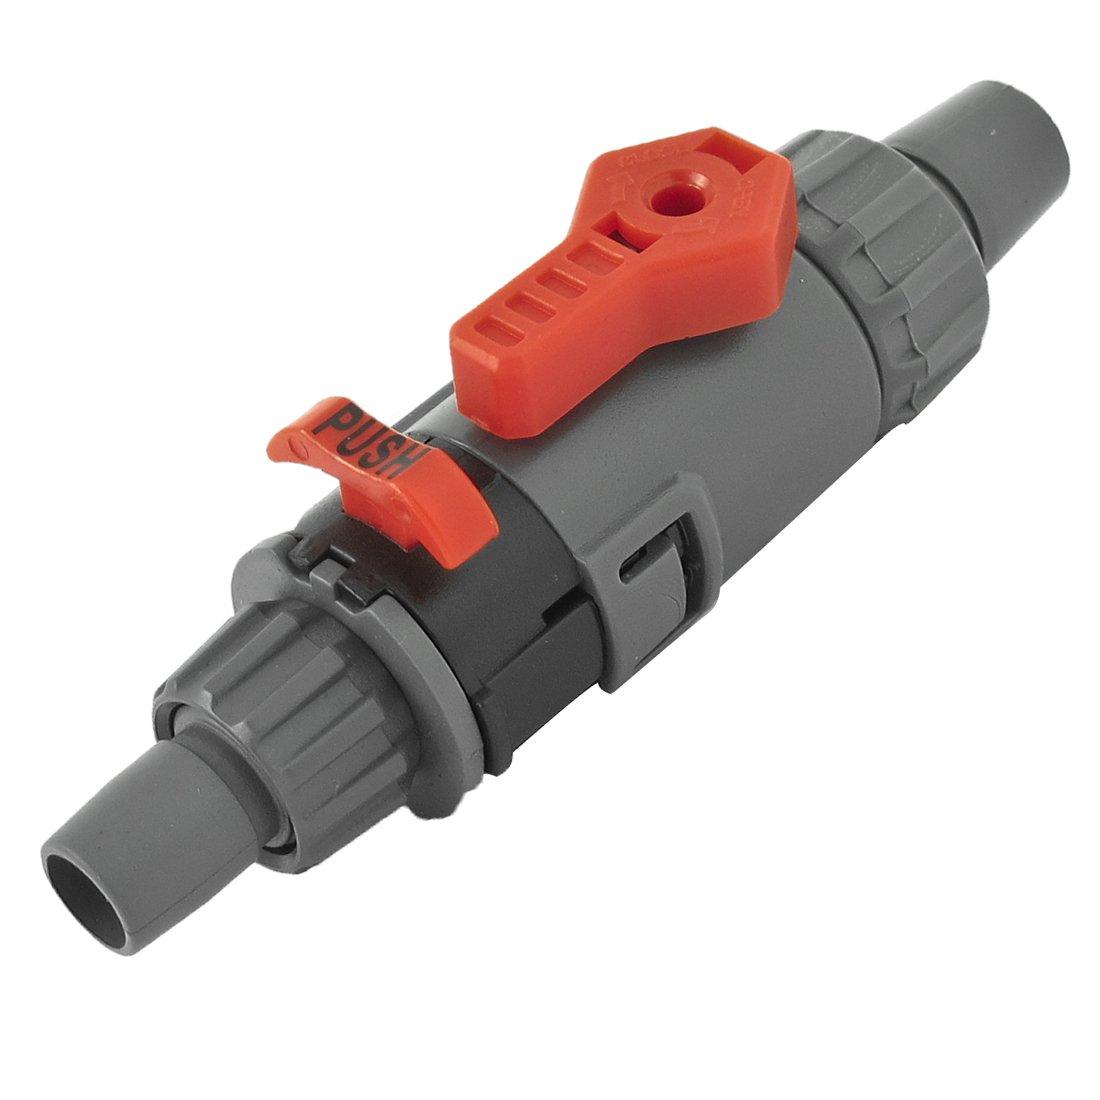 sourcingmap Raccord de flexible avec contrôle du débit pour aquarium 12/16mm a13080900ux0931